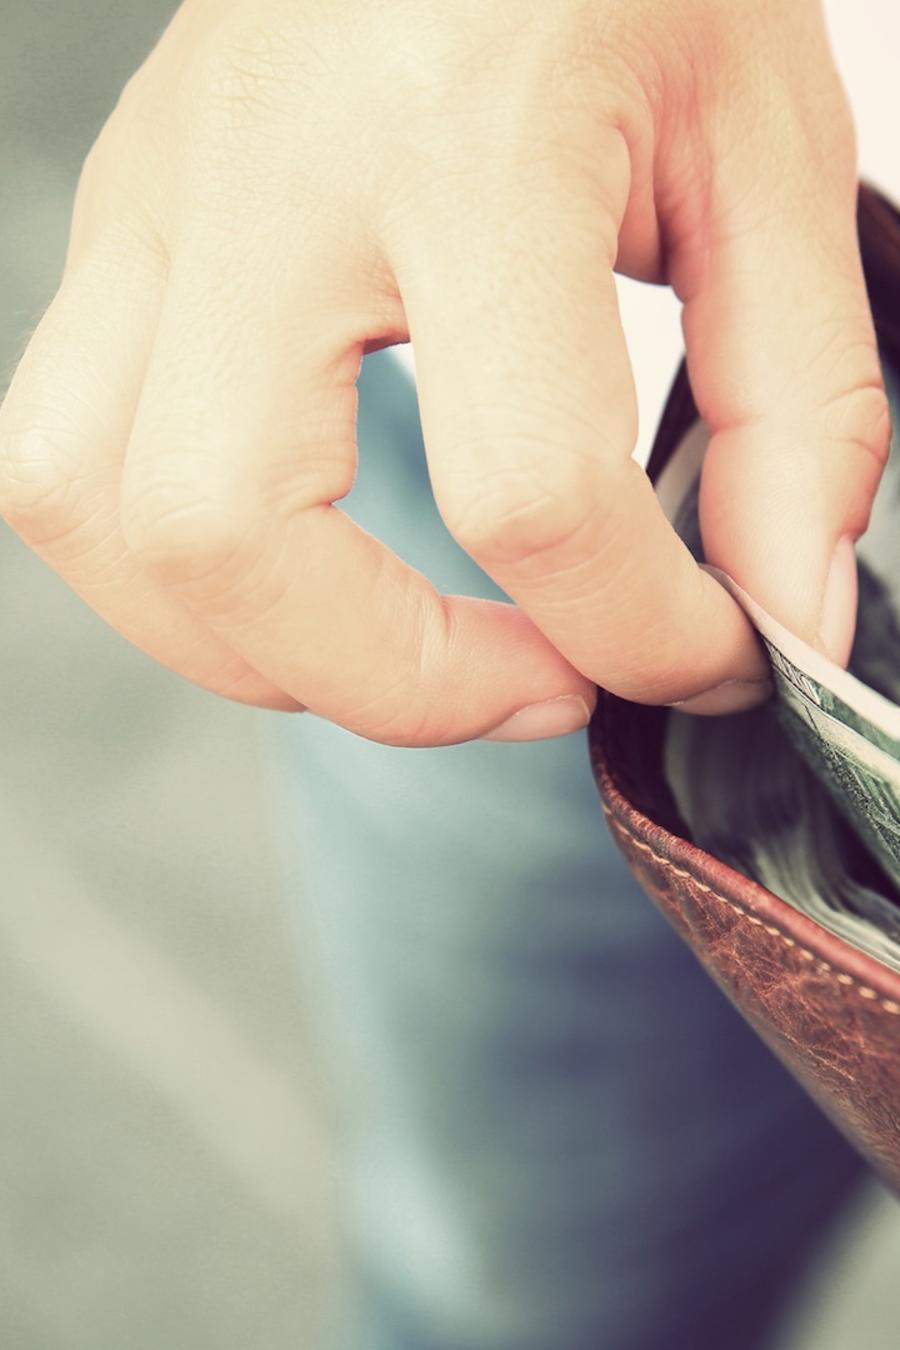 Persona tomando dinero de su billetera